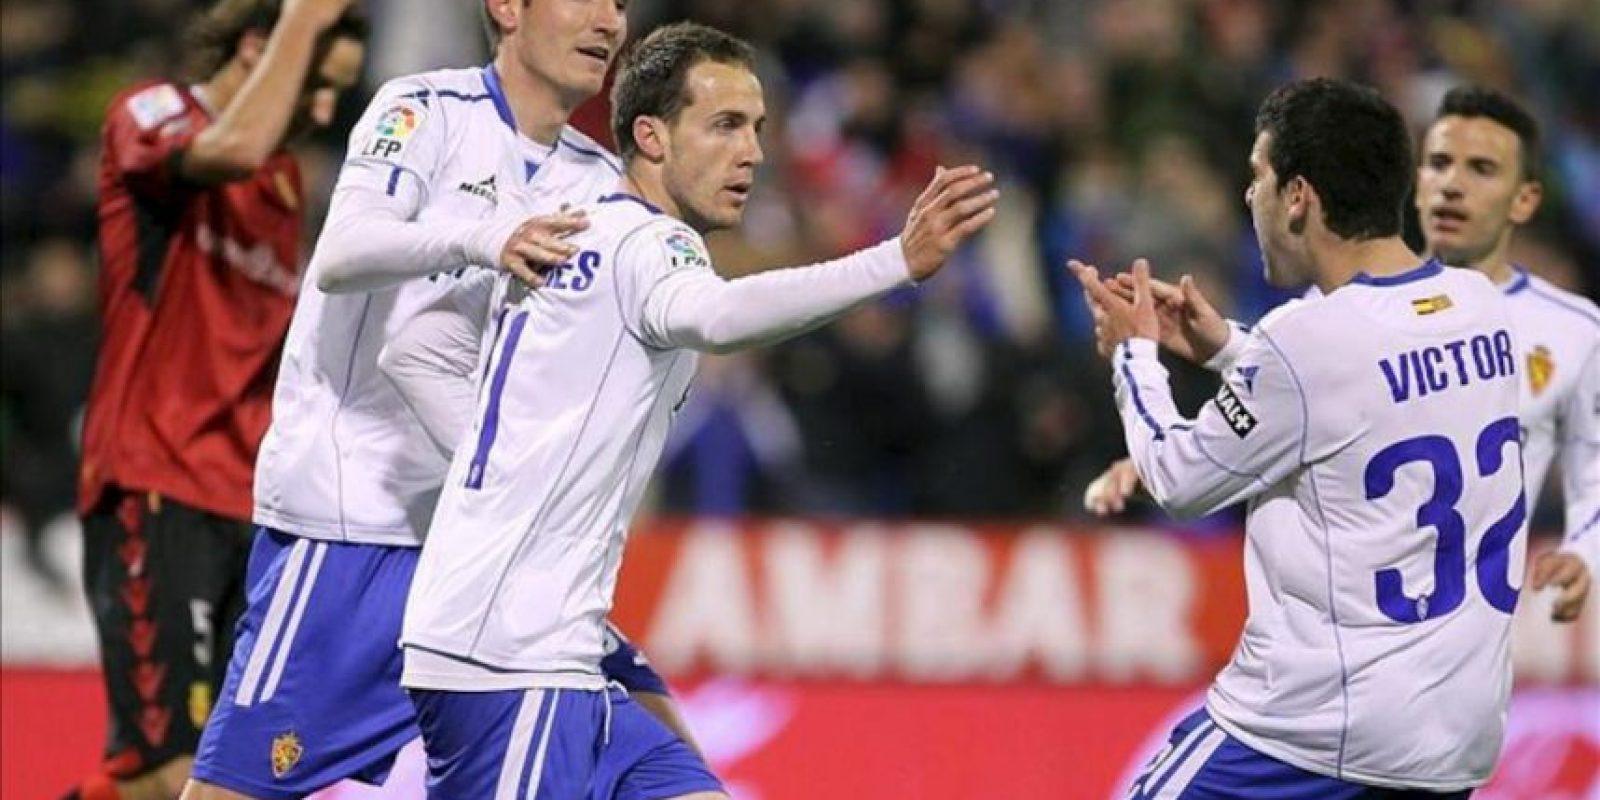 El centrocampista del Real Zaragoza, Francisco Montañés (c), celebra su gol, primero del equipo, con sus compañeros durante el partido, correspondiente a la jornada trigésimo tercera de Liga en Primera División, que Real Zaragoza y Real Mallorca disputaron en el estadio de La Romareda, en Zaragoza. EFE